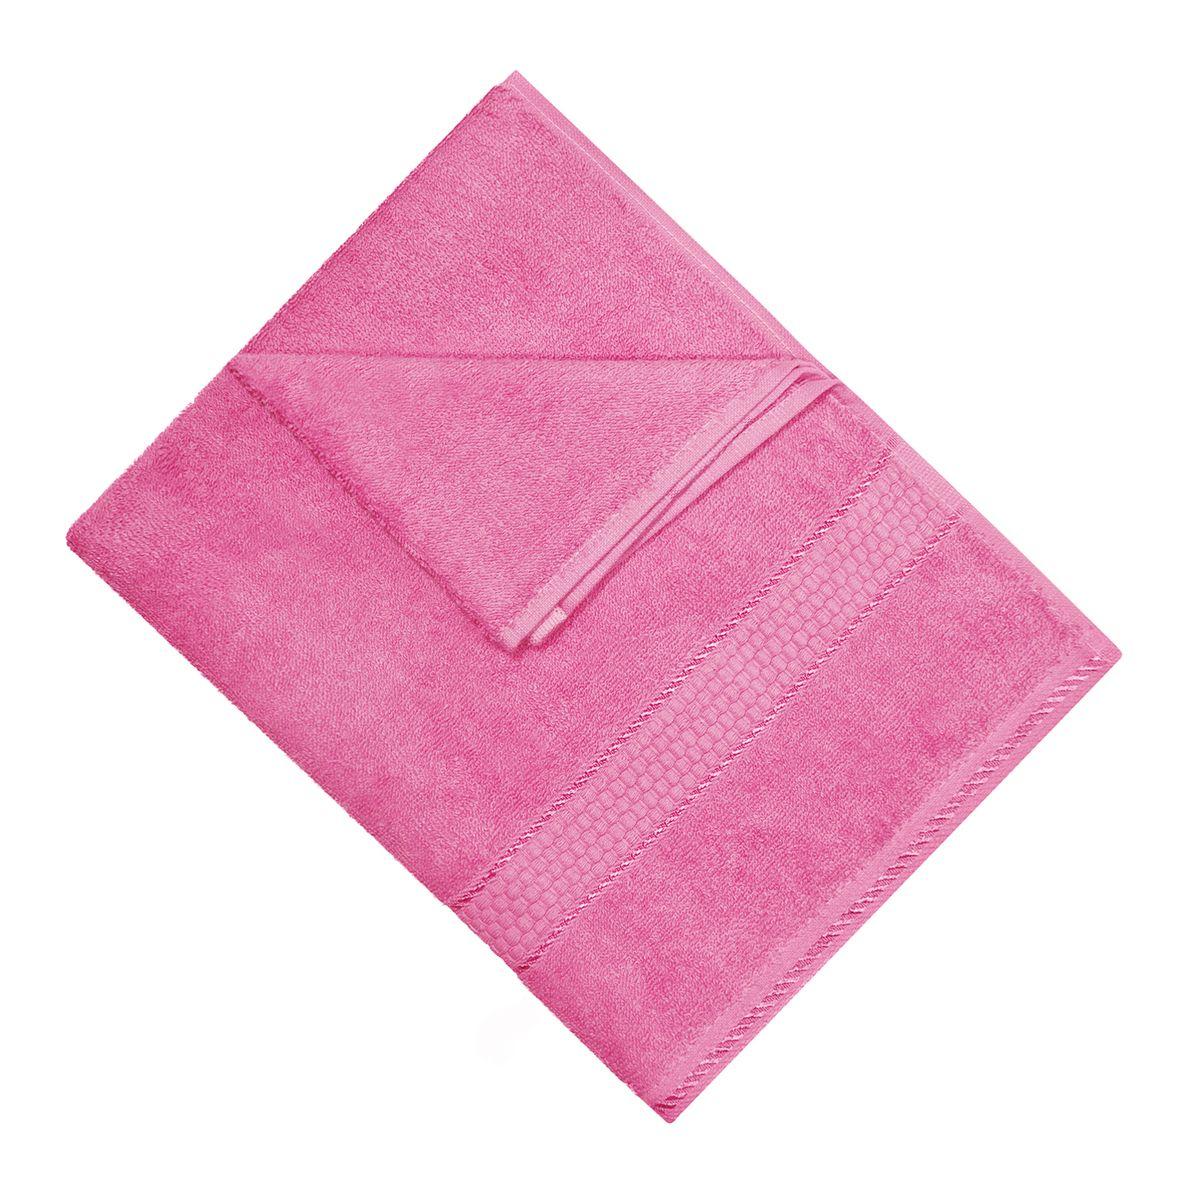 Полотенце махровое Osborn Textile, цвет: розовый, 50 х 90 смУзТ-МПМ-004-01-04В состав полотенца Osborn Textile входит только натуральное волокно - хлопок. Лаконичные бордюры подойдут для любого интерьера ванной комнаты. Полотенце прекрасно впитывает влагу и быстро сохнет. При соблюдении рекомендаций по уходу не линяет и не теряет форму даже после многократных стирок. Плотность: 450 г/м2.